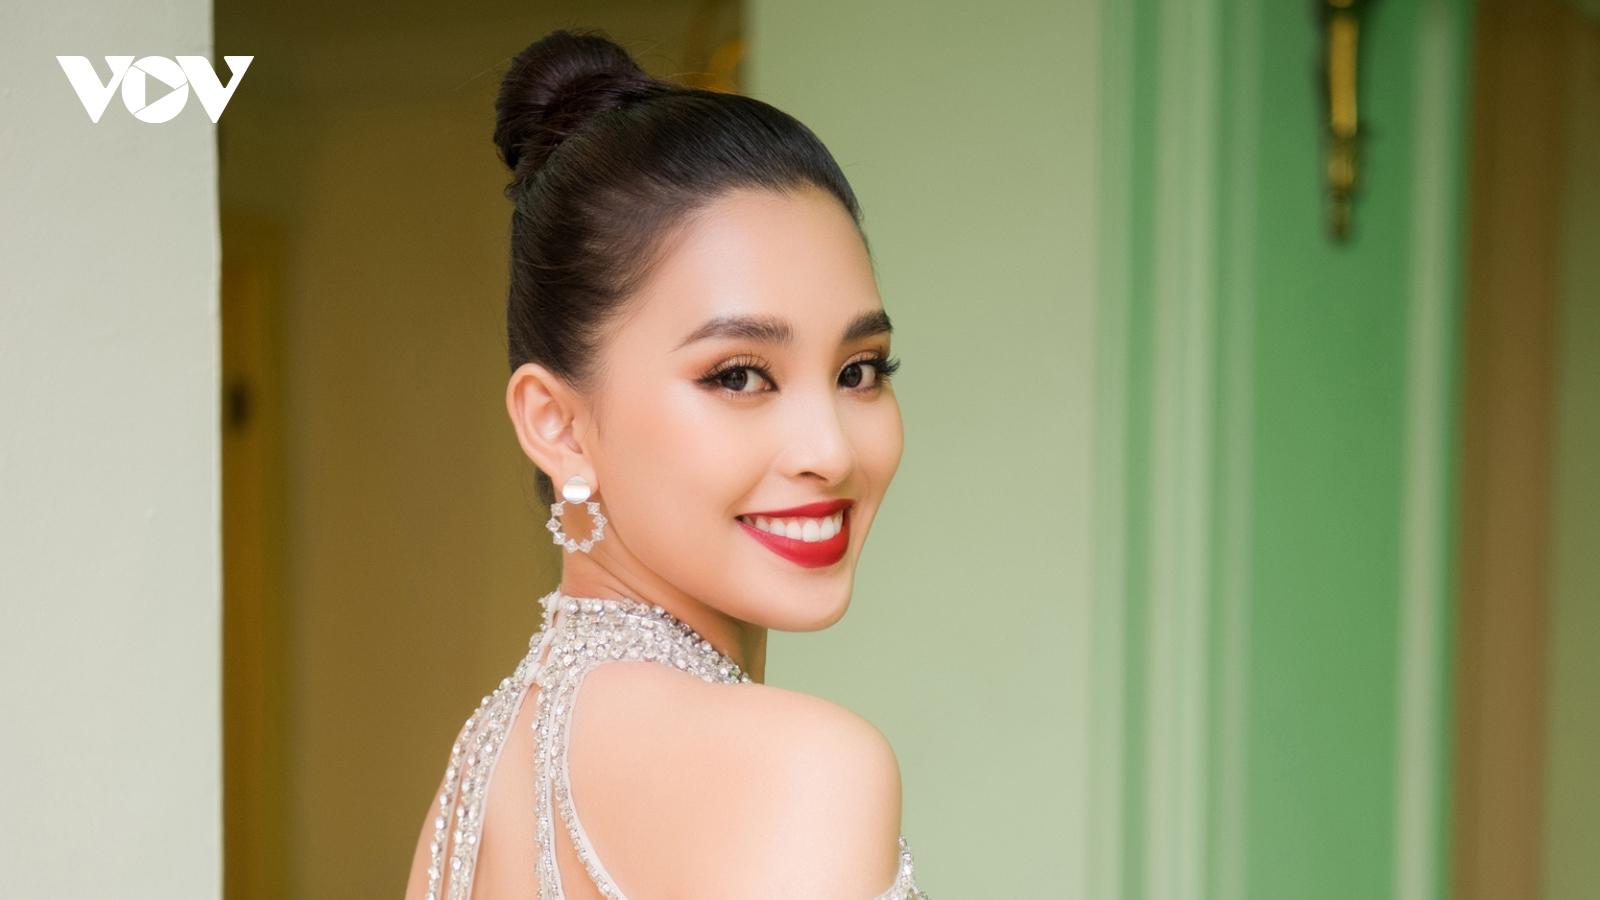 """Hoa hậu Tiểu Vy: """"Tôi không nghĩ bản thân sẽ bị lu mờ khi Hoa hậu mới lên ngôi"""""""